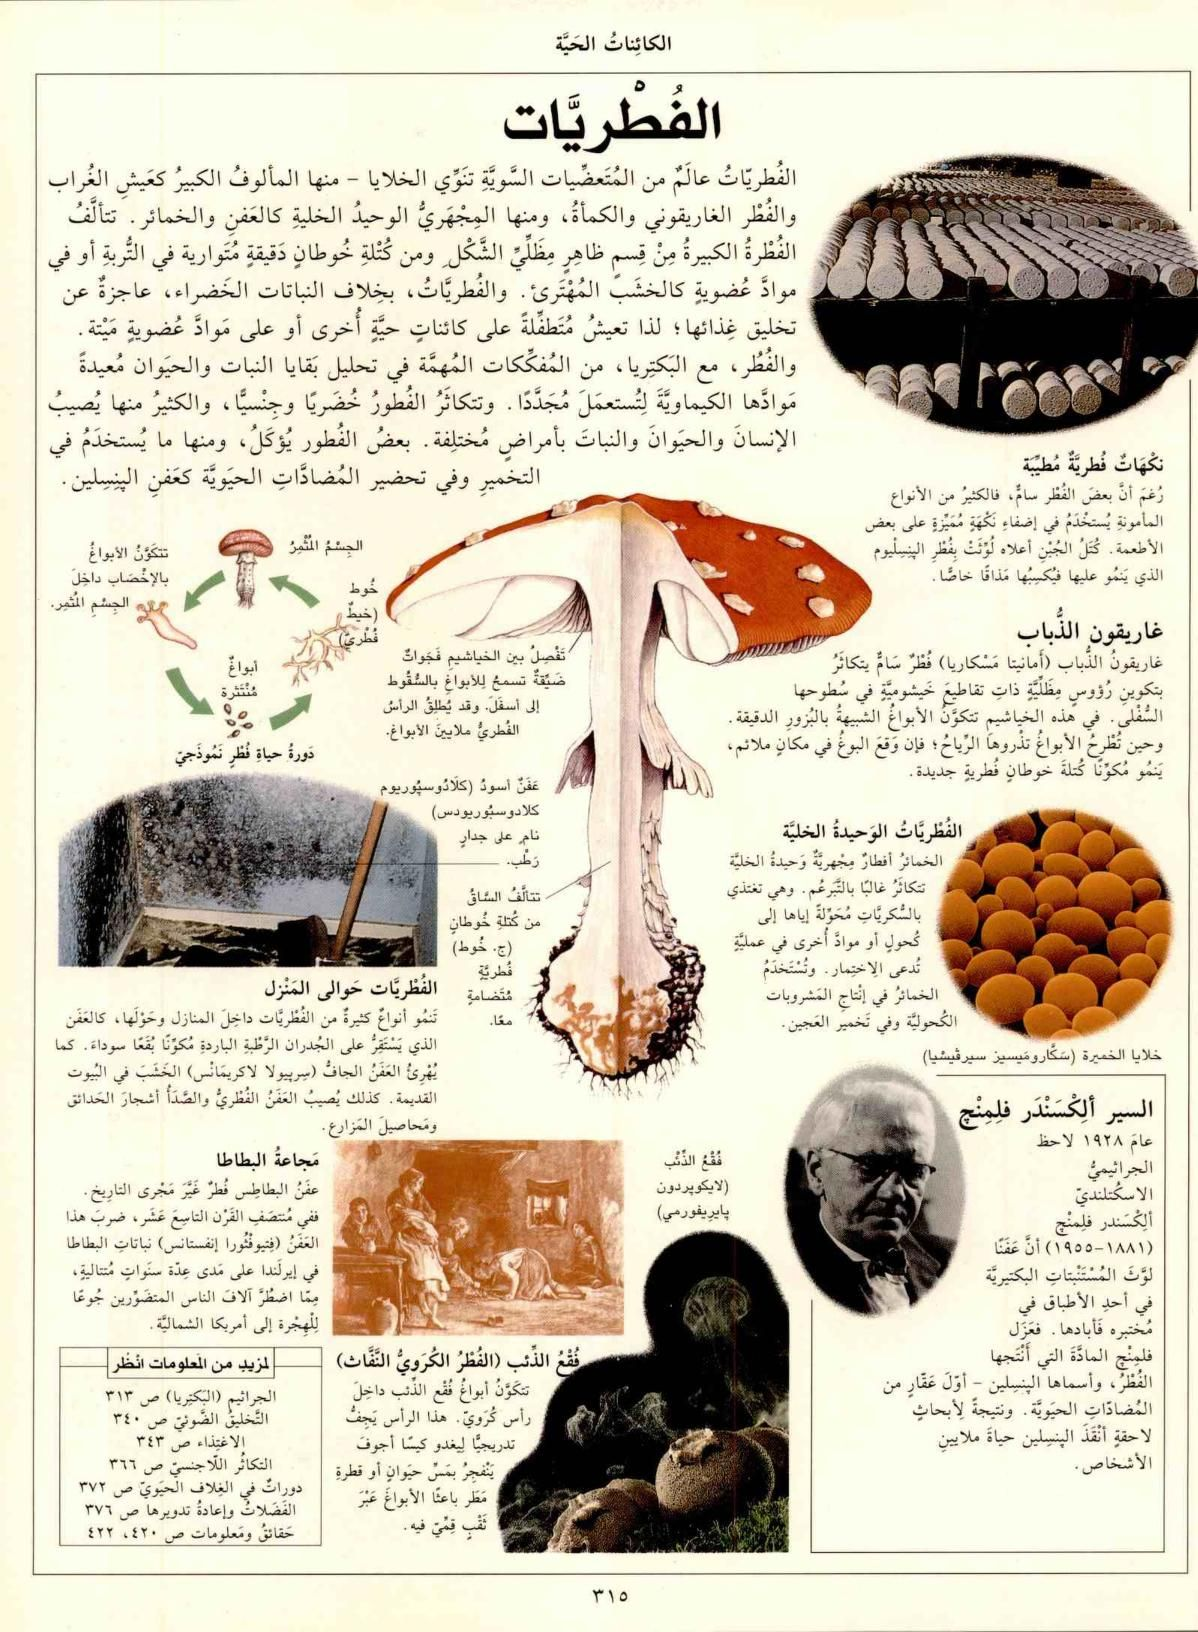 الموسوعة العلمية الشاملة مكتبة لبنان ناشرون Free Download Borrow And Streaming Internet Archive Medical Photos Arabic Books Ecology